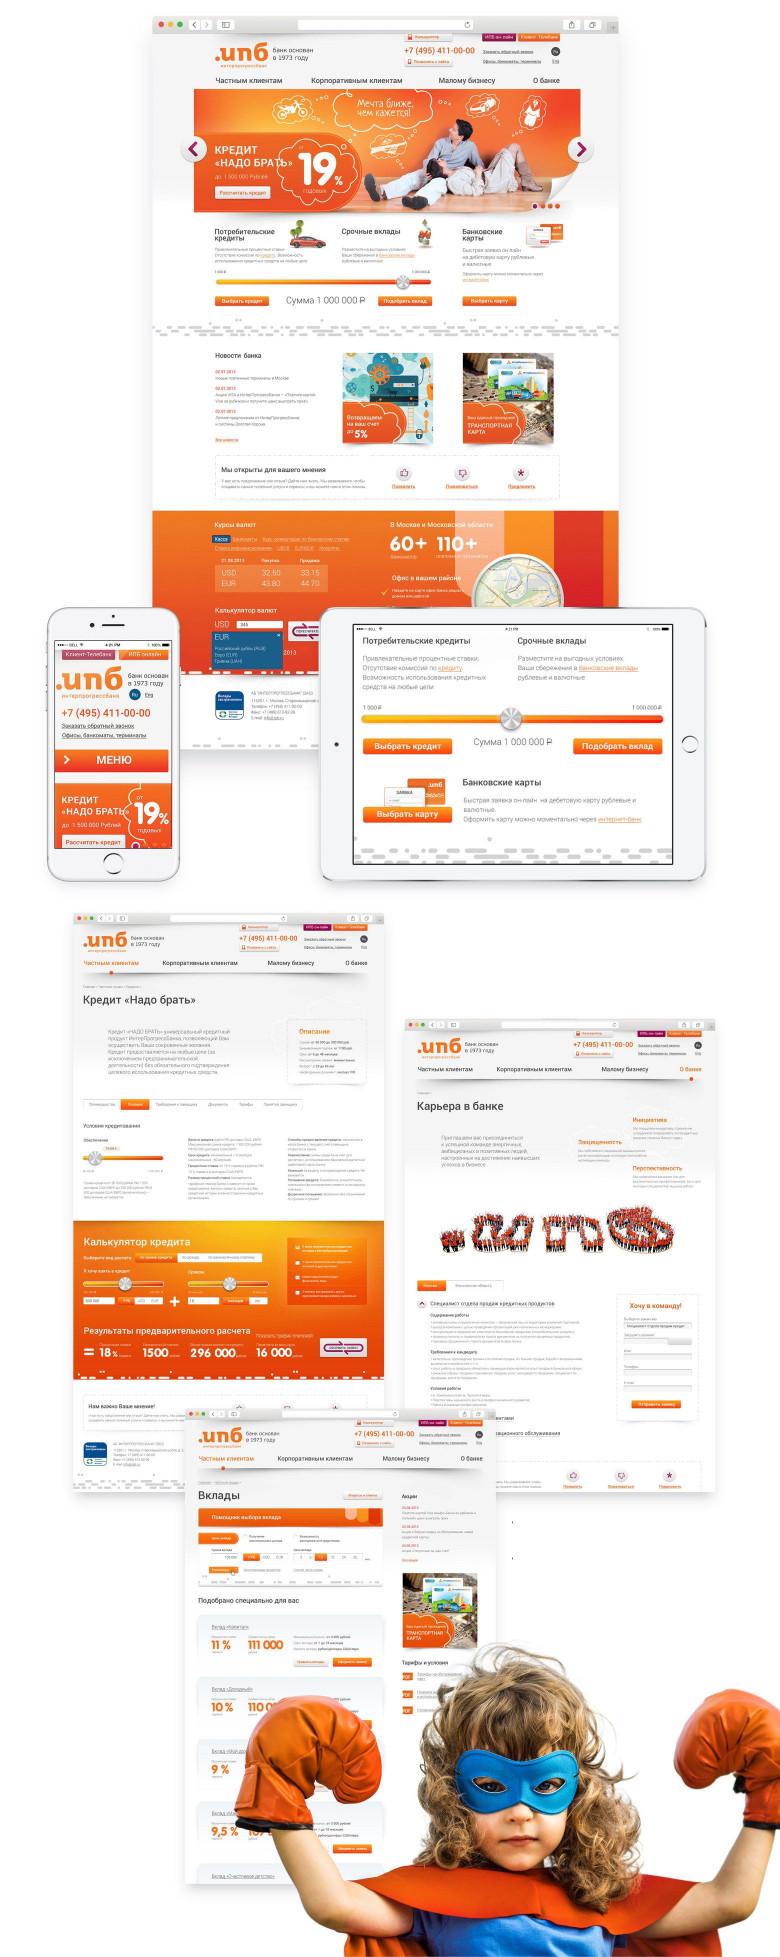 ипб банк официальный сайт личный кабинет